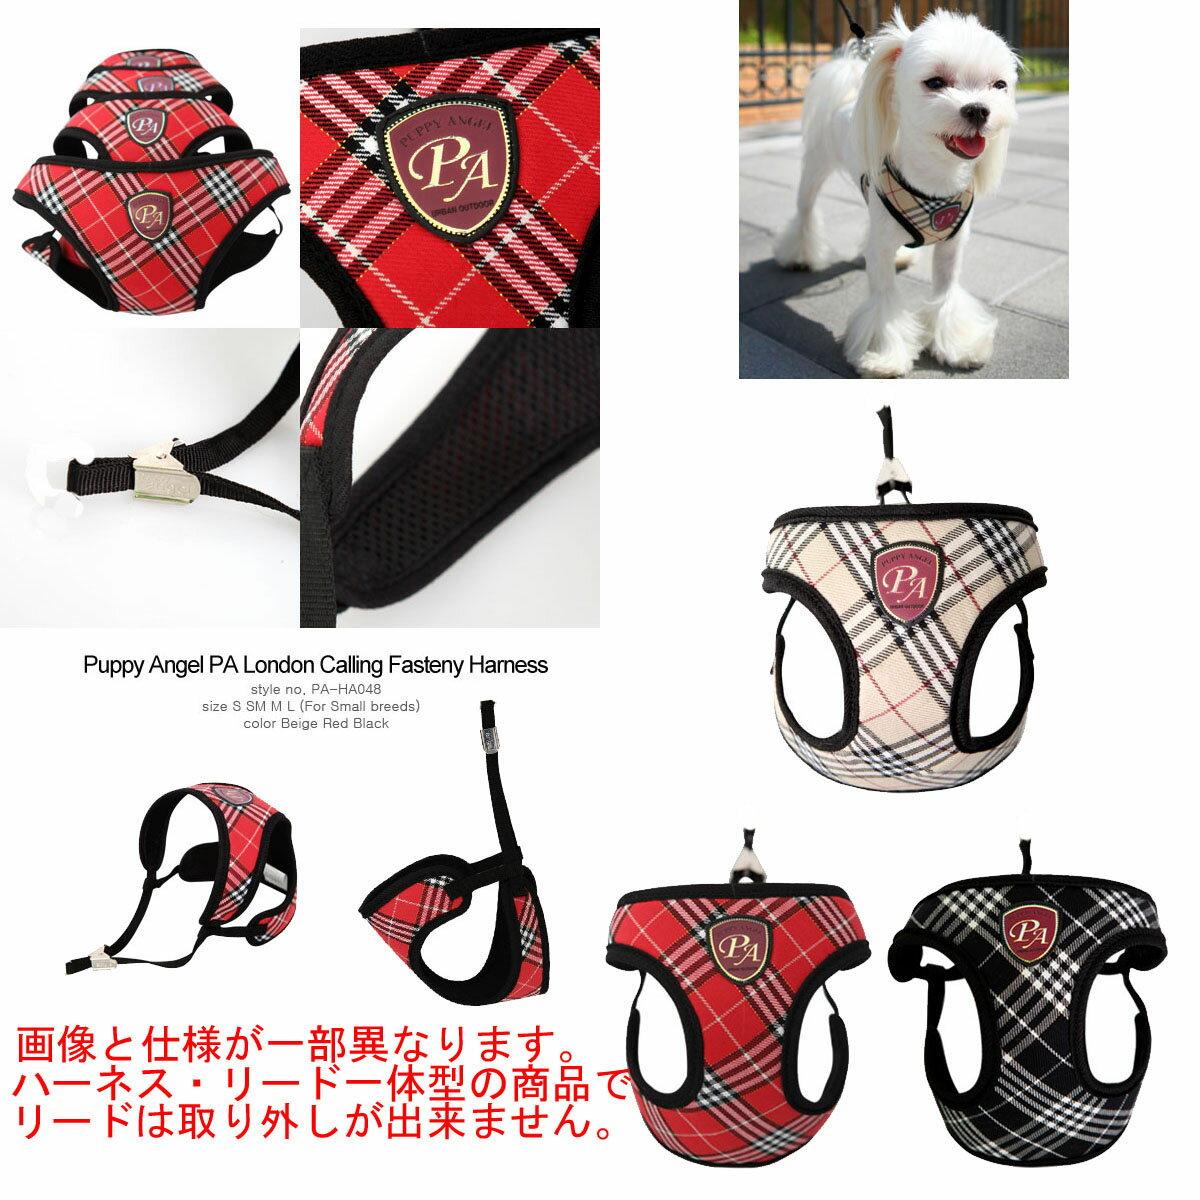 胴輪 ハーネス PA London Calling FASTENY HARNESS(リード付):XS S M L XLサイズ ペット 犬 用PUPPYANGEL パピーエンジェル犬 犬用 ペット ドッグ